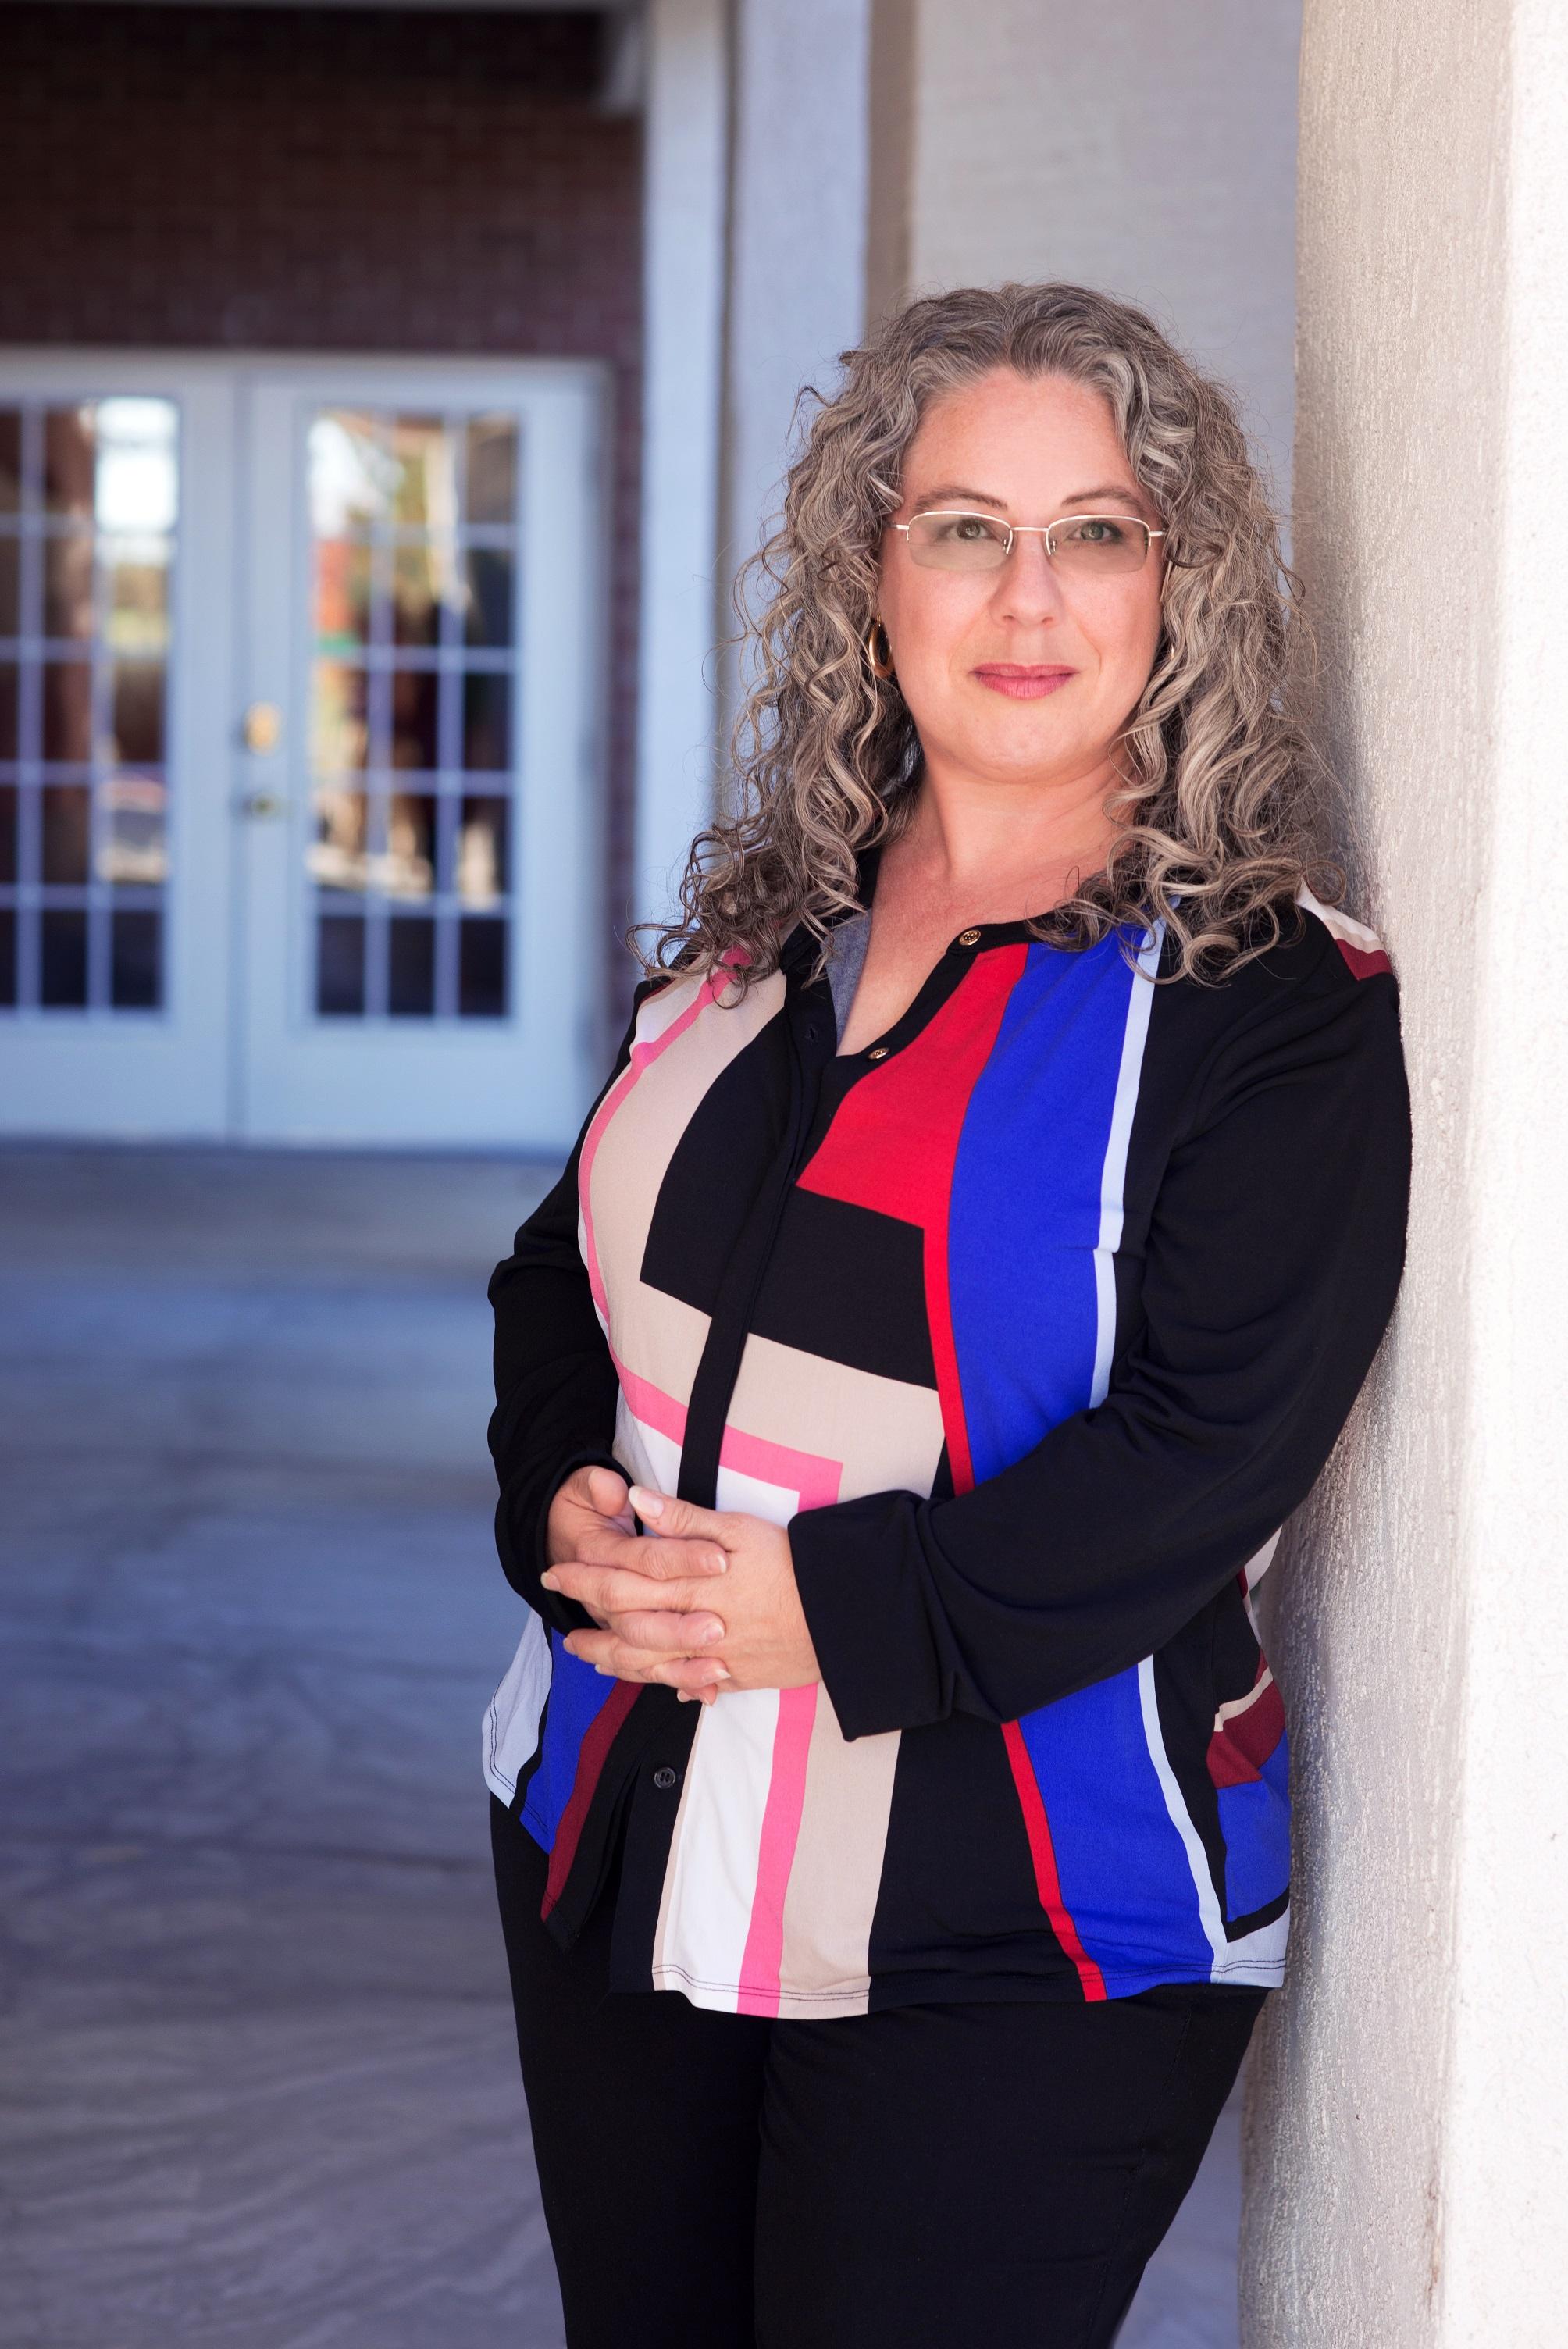 Talia Freedman